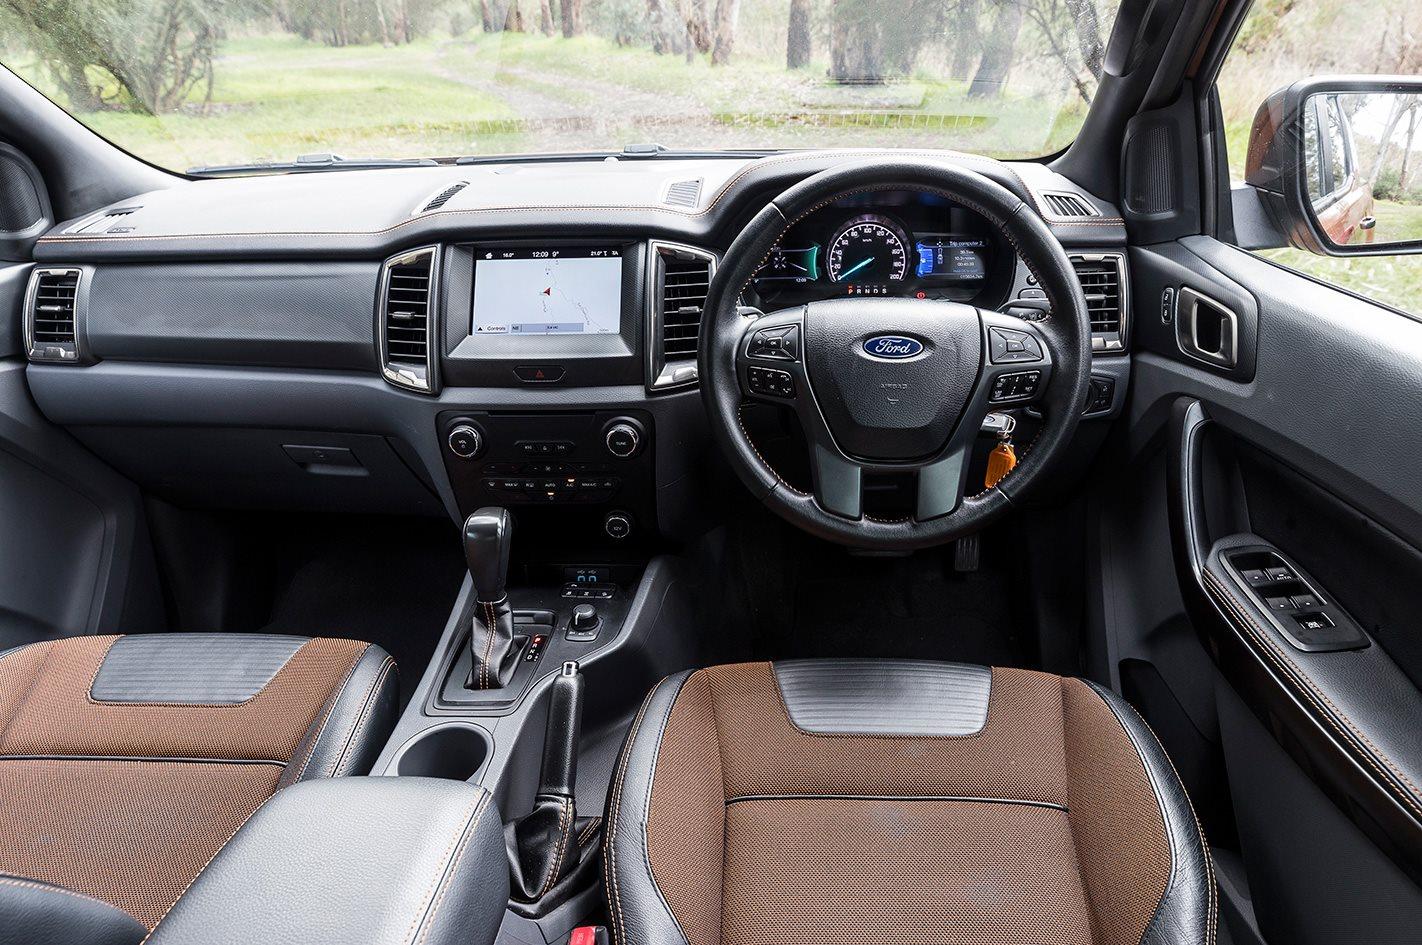 Ford Ranger Wildtrak interior.jpg